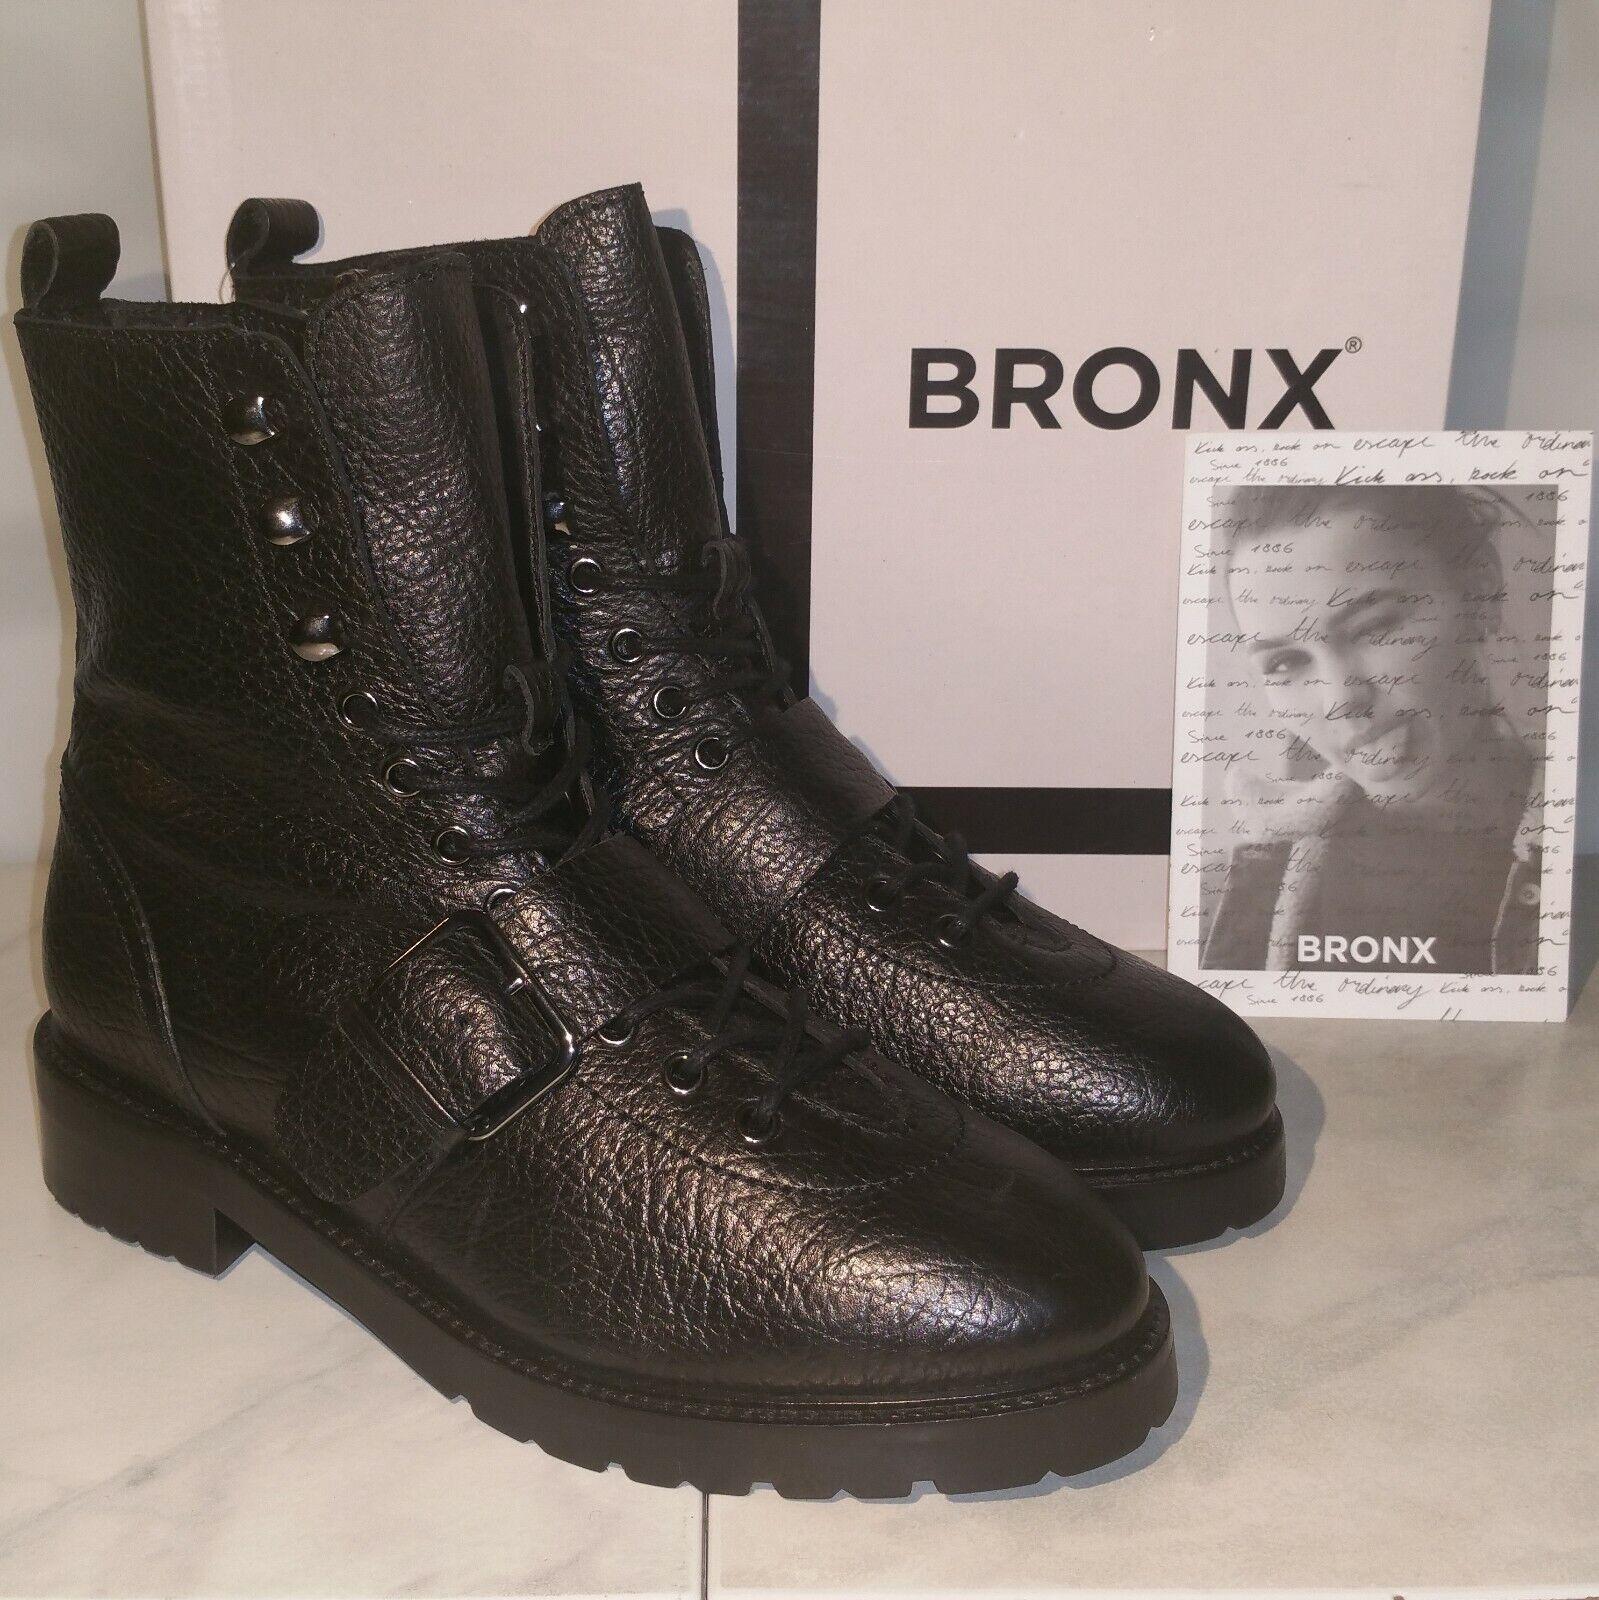 NEU BRONX 41 Stiefel Stiefel Stiefeletten Schuhe Biker Ankle Gothic Leder schwarz